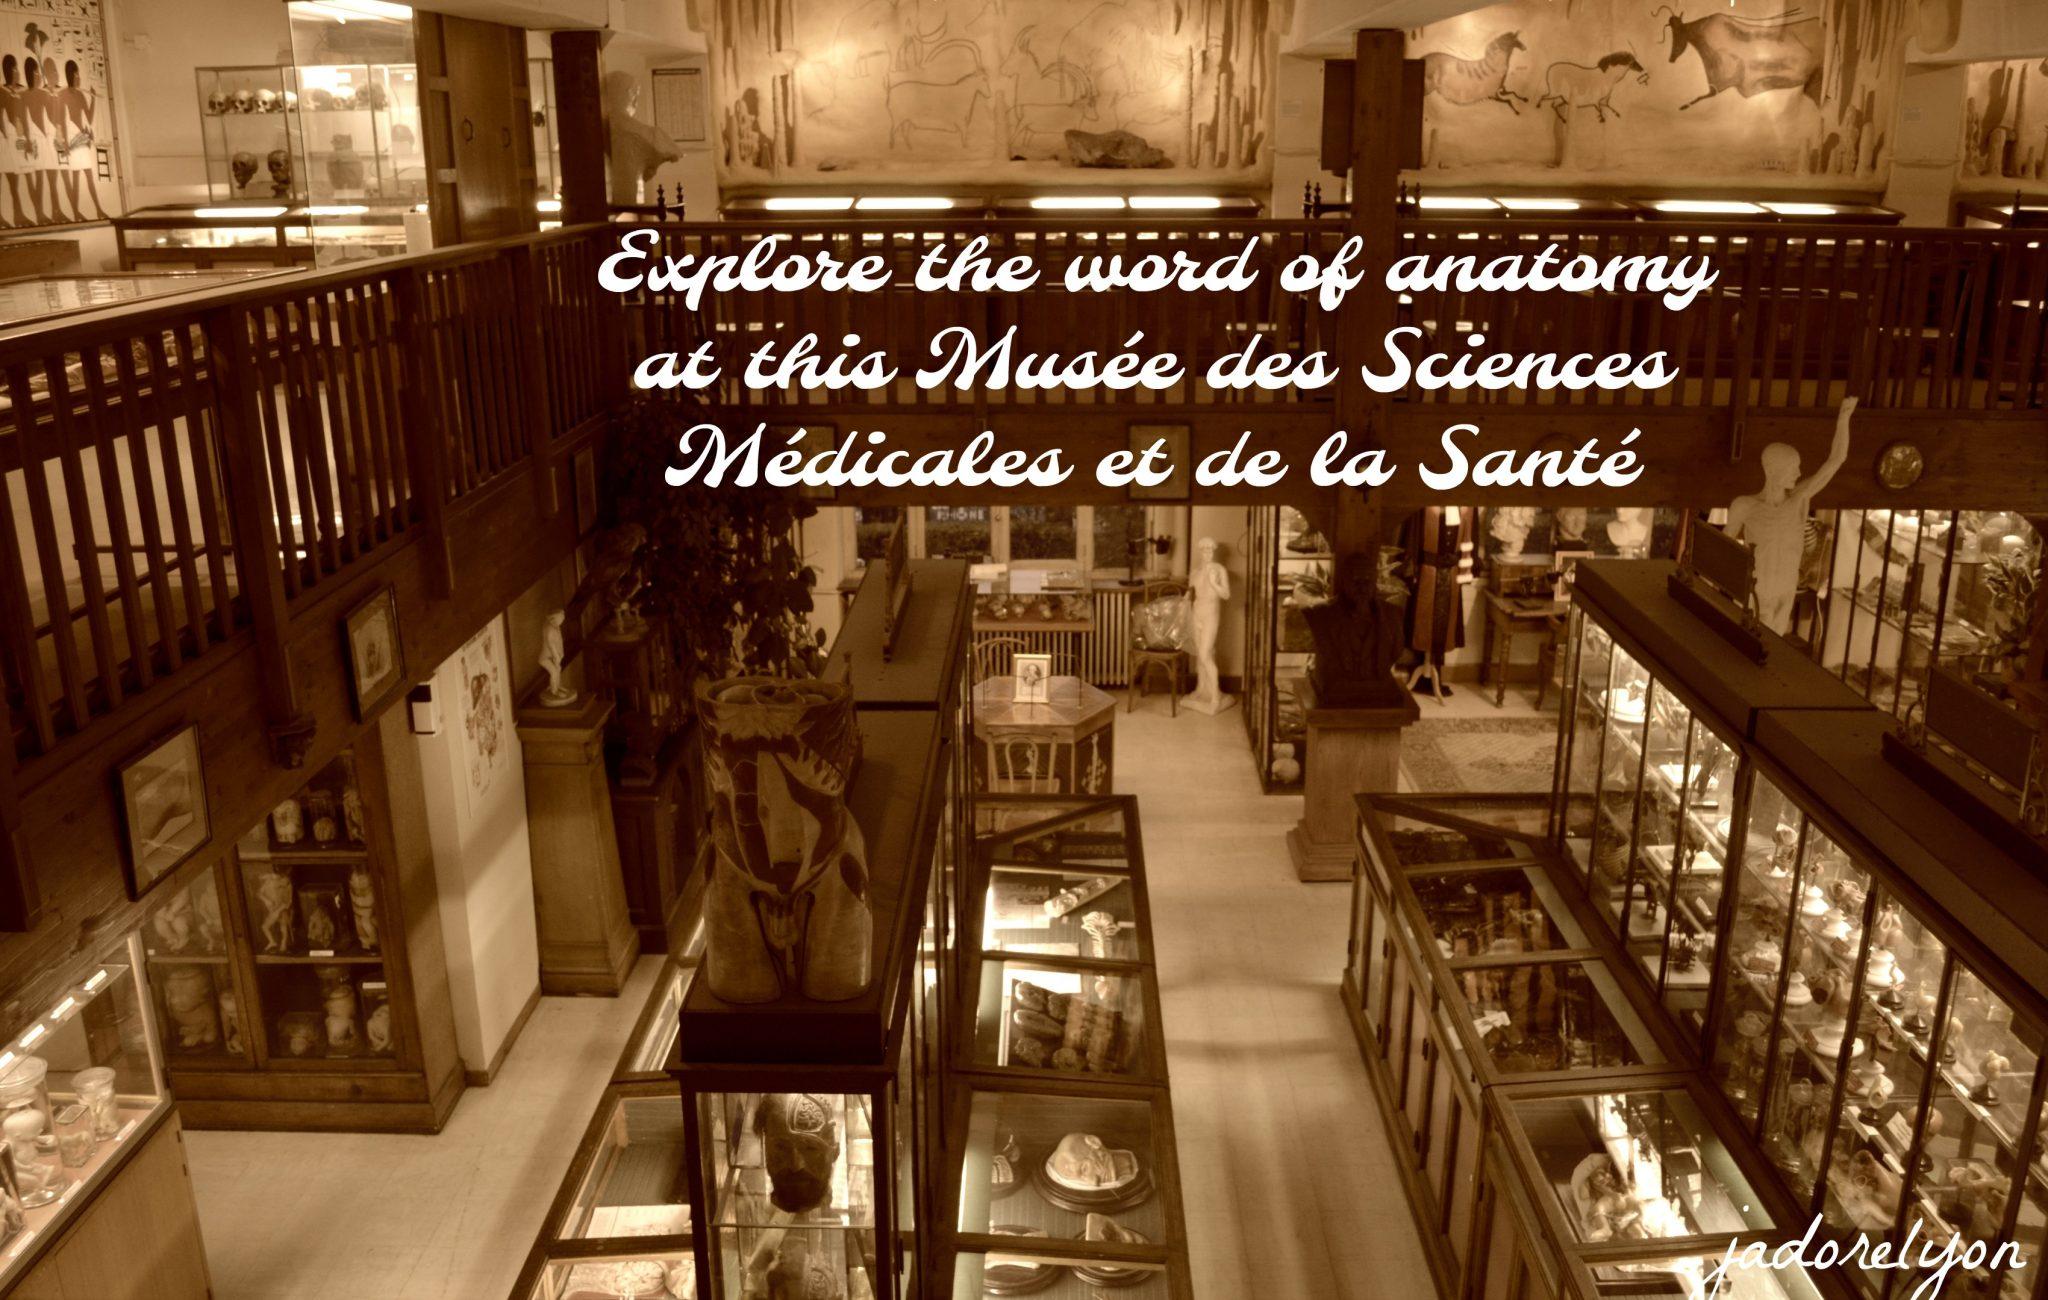 explore the word of anatomy at this Musée des Sciences Médicales et de la Santé